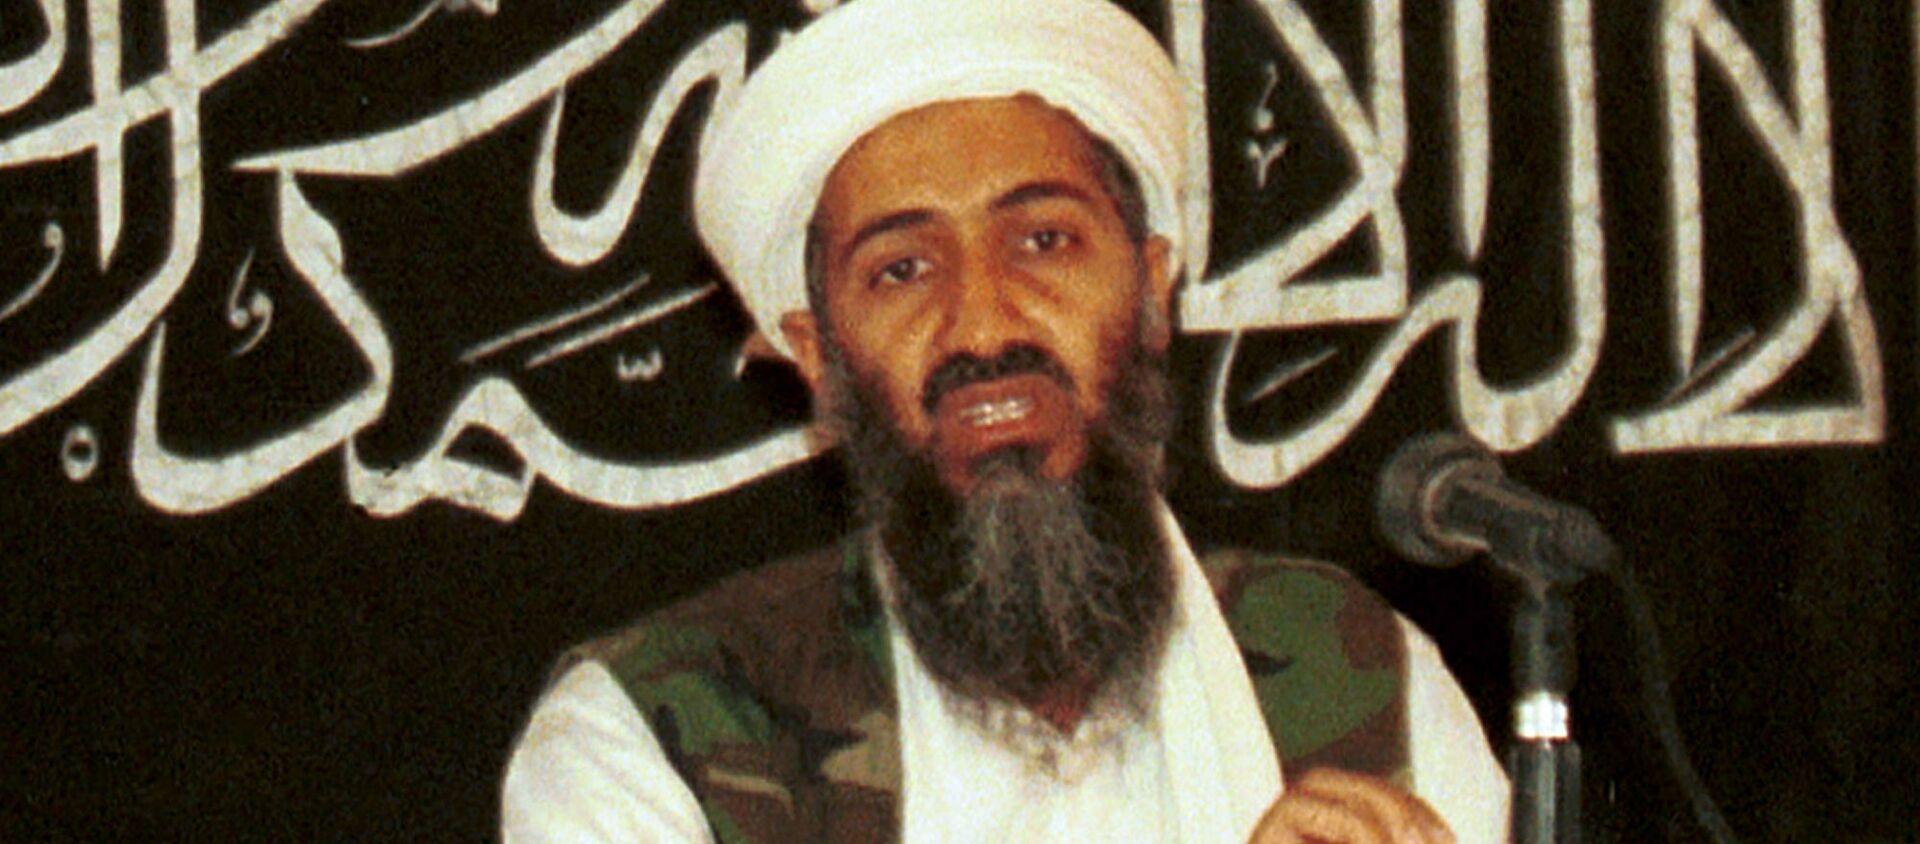 На этой фотографии из архива 1998 года Айман аль-Завахри (слева) проводит пресс-конференцию с Усамой бен Ладеном в Хосте, Афганистан и опубликован в пятницу 19 марта 2004 года. Человек, знакомый с событиями, сказал в воскресенье, 1 мая 2011 года, что мусорное ведро Ладен мертв, а тело у США - Sputnik Абхазия, 1920, 02.05.2021